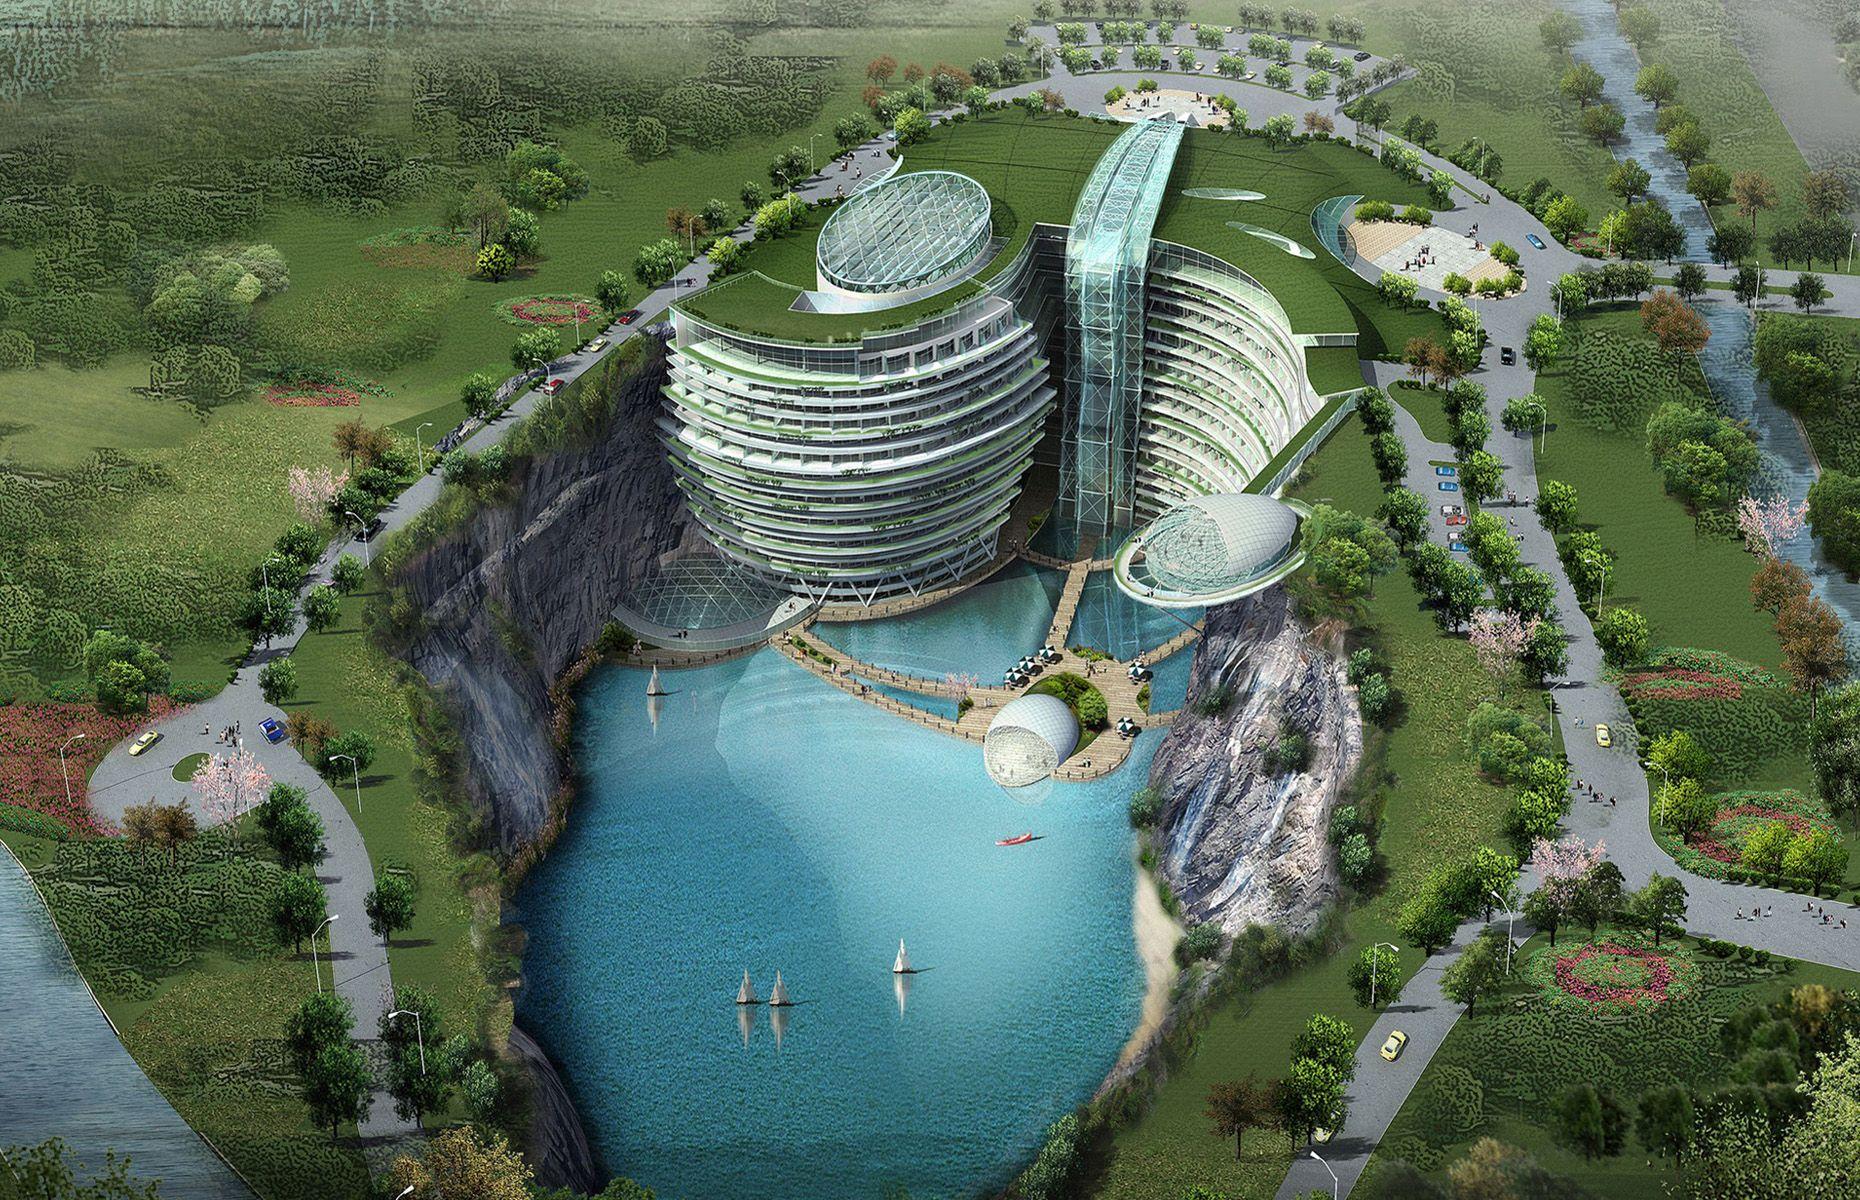 Das Songjiang Shimao Hotel  Es befindet sich noch im Bau, doch wenn dieses einzigartige Gebäude fertig gestellt ist, wird es das erste Hotel in einem 100 Meter tief abfallenden Steinbruch sein, mit eigenem See und Strand. Die Kosten sollen sich auf rund 523 Millionen US-Dollar belaufen. Neben herkömmlichen Annehmlichkeiten wird das Hotel auch Wasserfälle, Unterwasser-Zimmer und Abenteuer-Sportmöglichkeiten im Angebot haben.